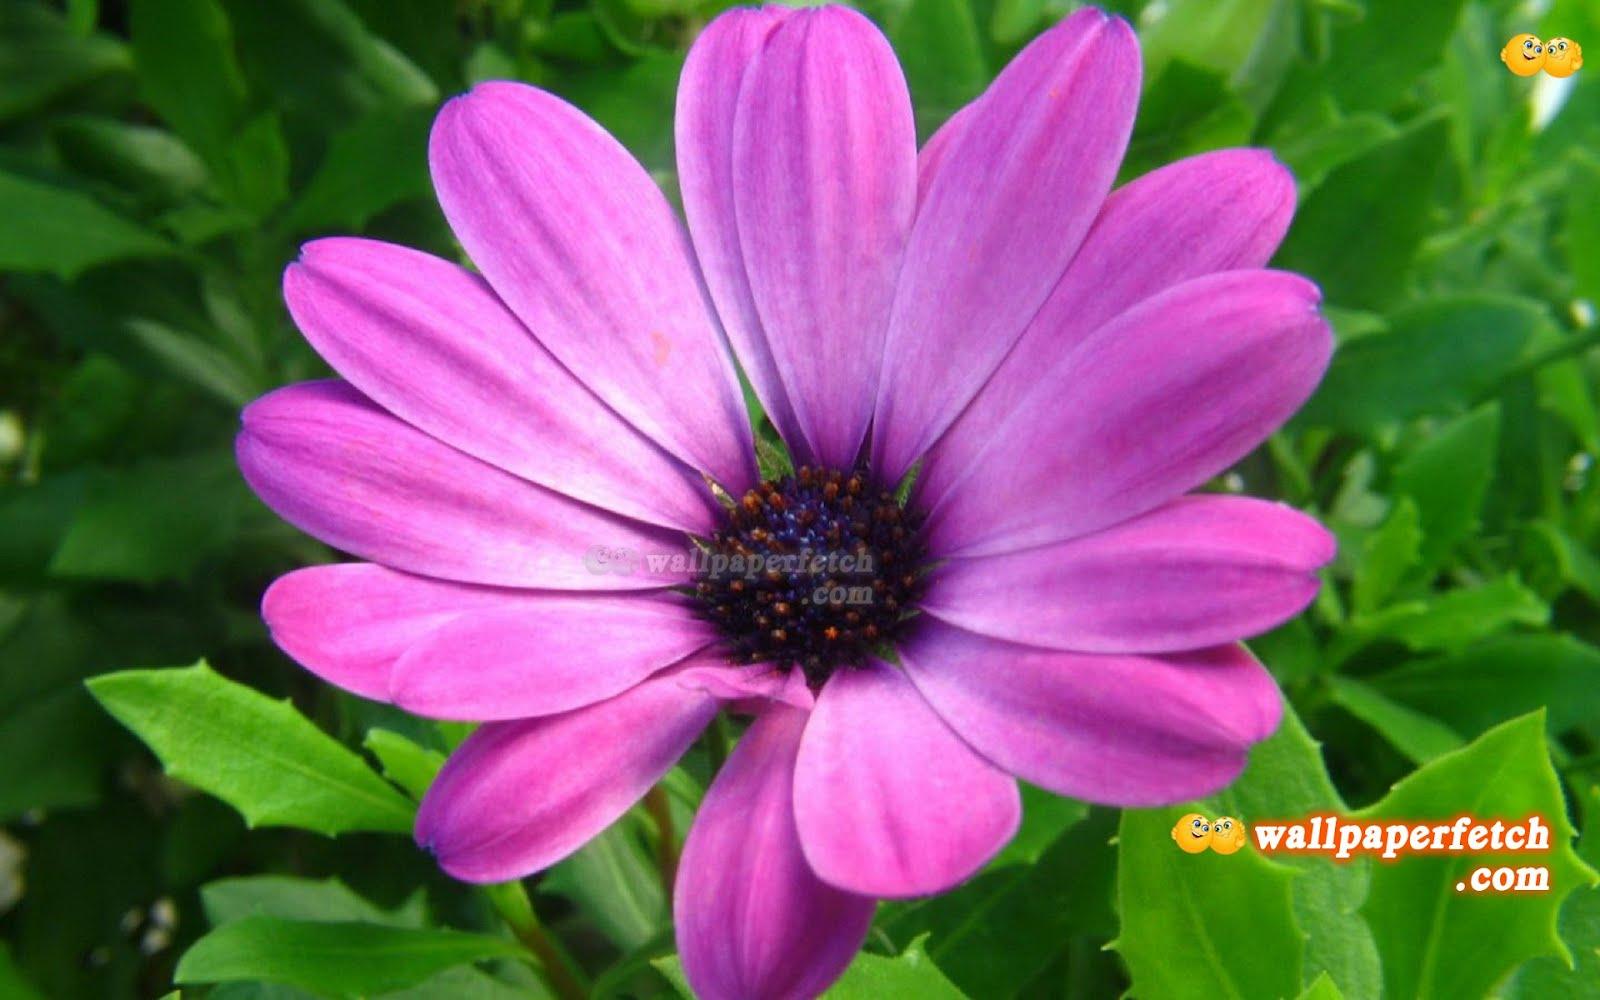 http://2.bp.blogspot.com/-io9KbRyzWGY/T6GHuZ-h2HI/AAAAAAAAK1c/t1CF3R492v8/s1600/Purple_Flower_HD_Wallpaper_1440x900_wallpaperhere.jpg